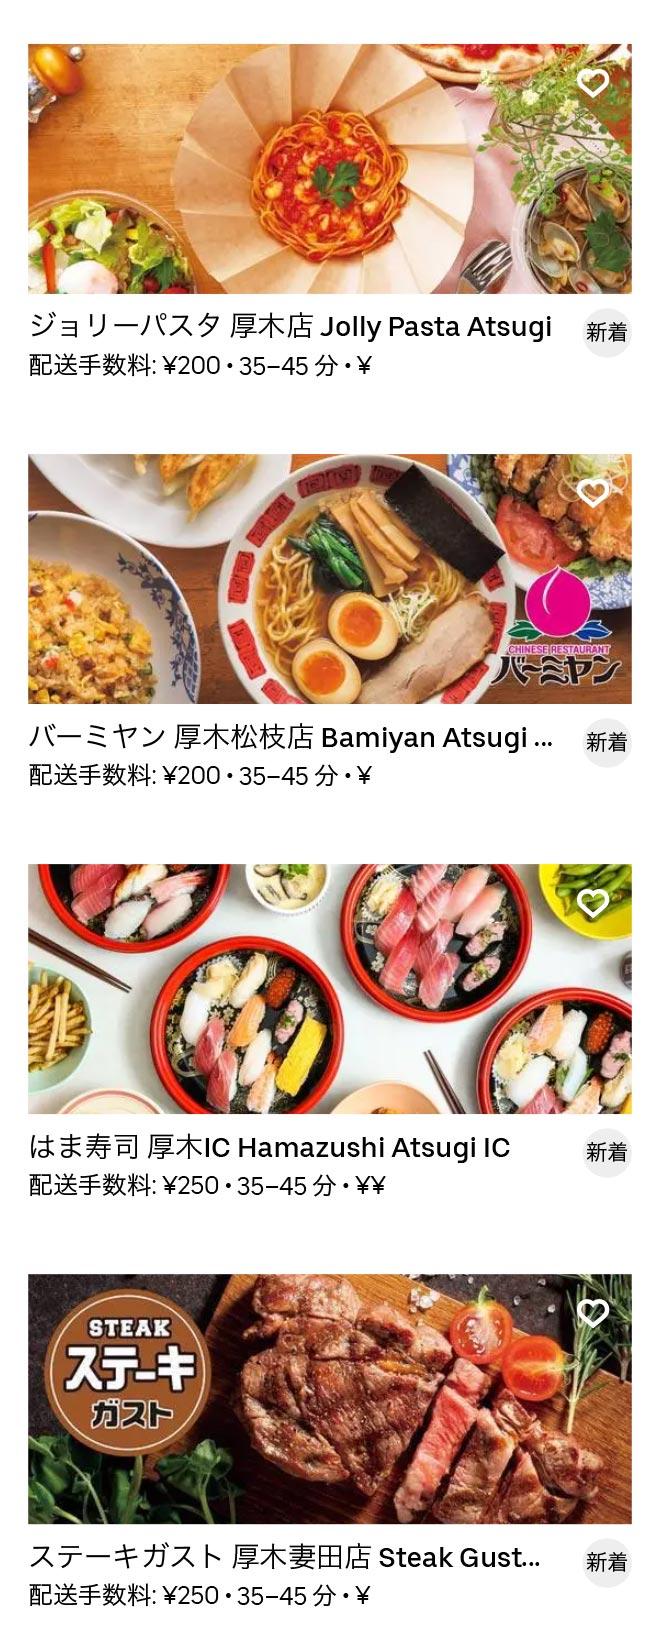 Honatsugi menu 2010 04